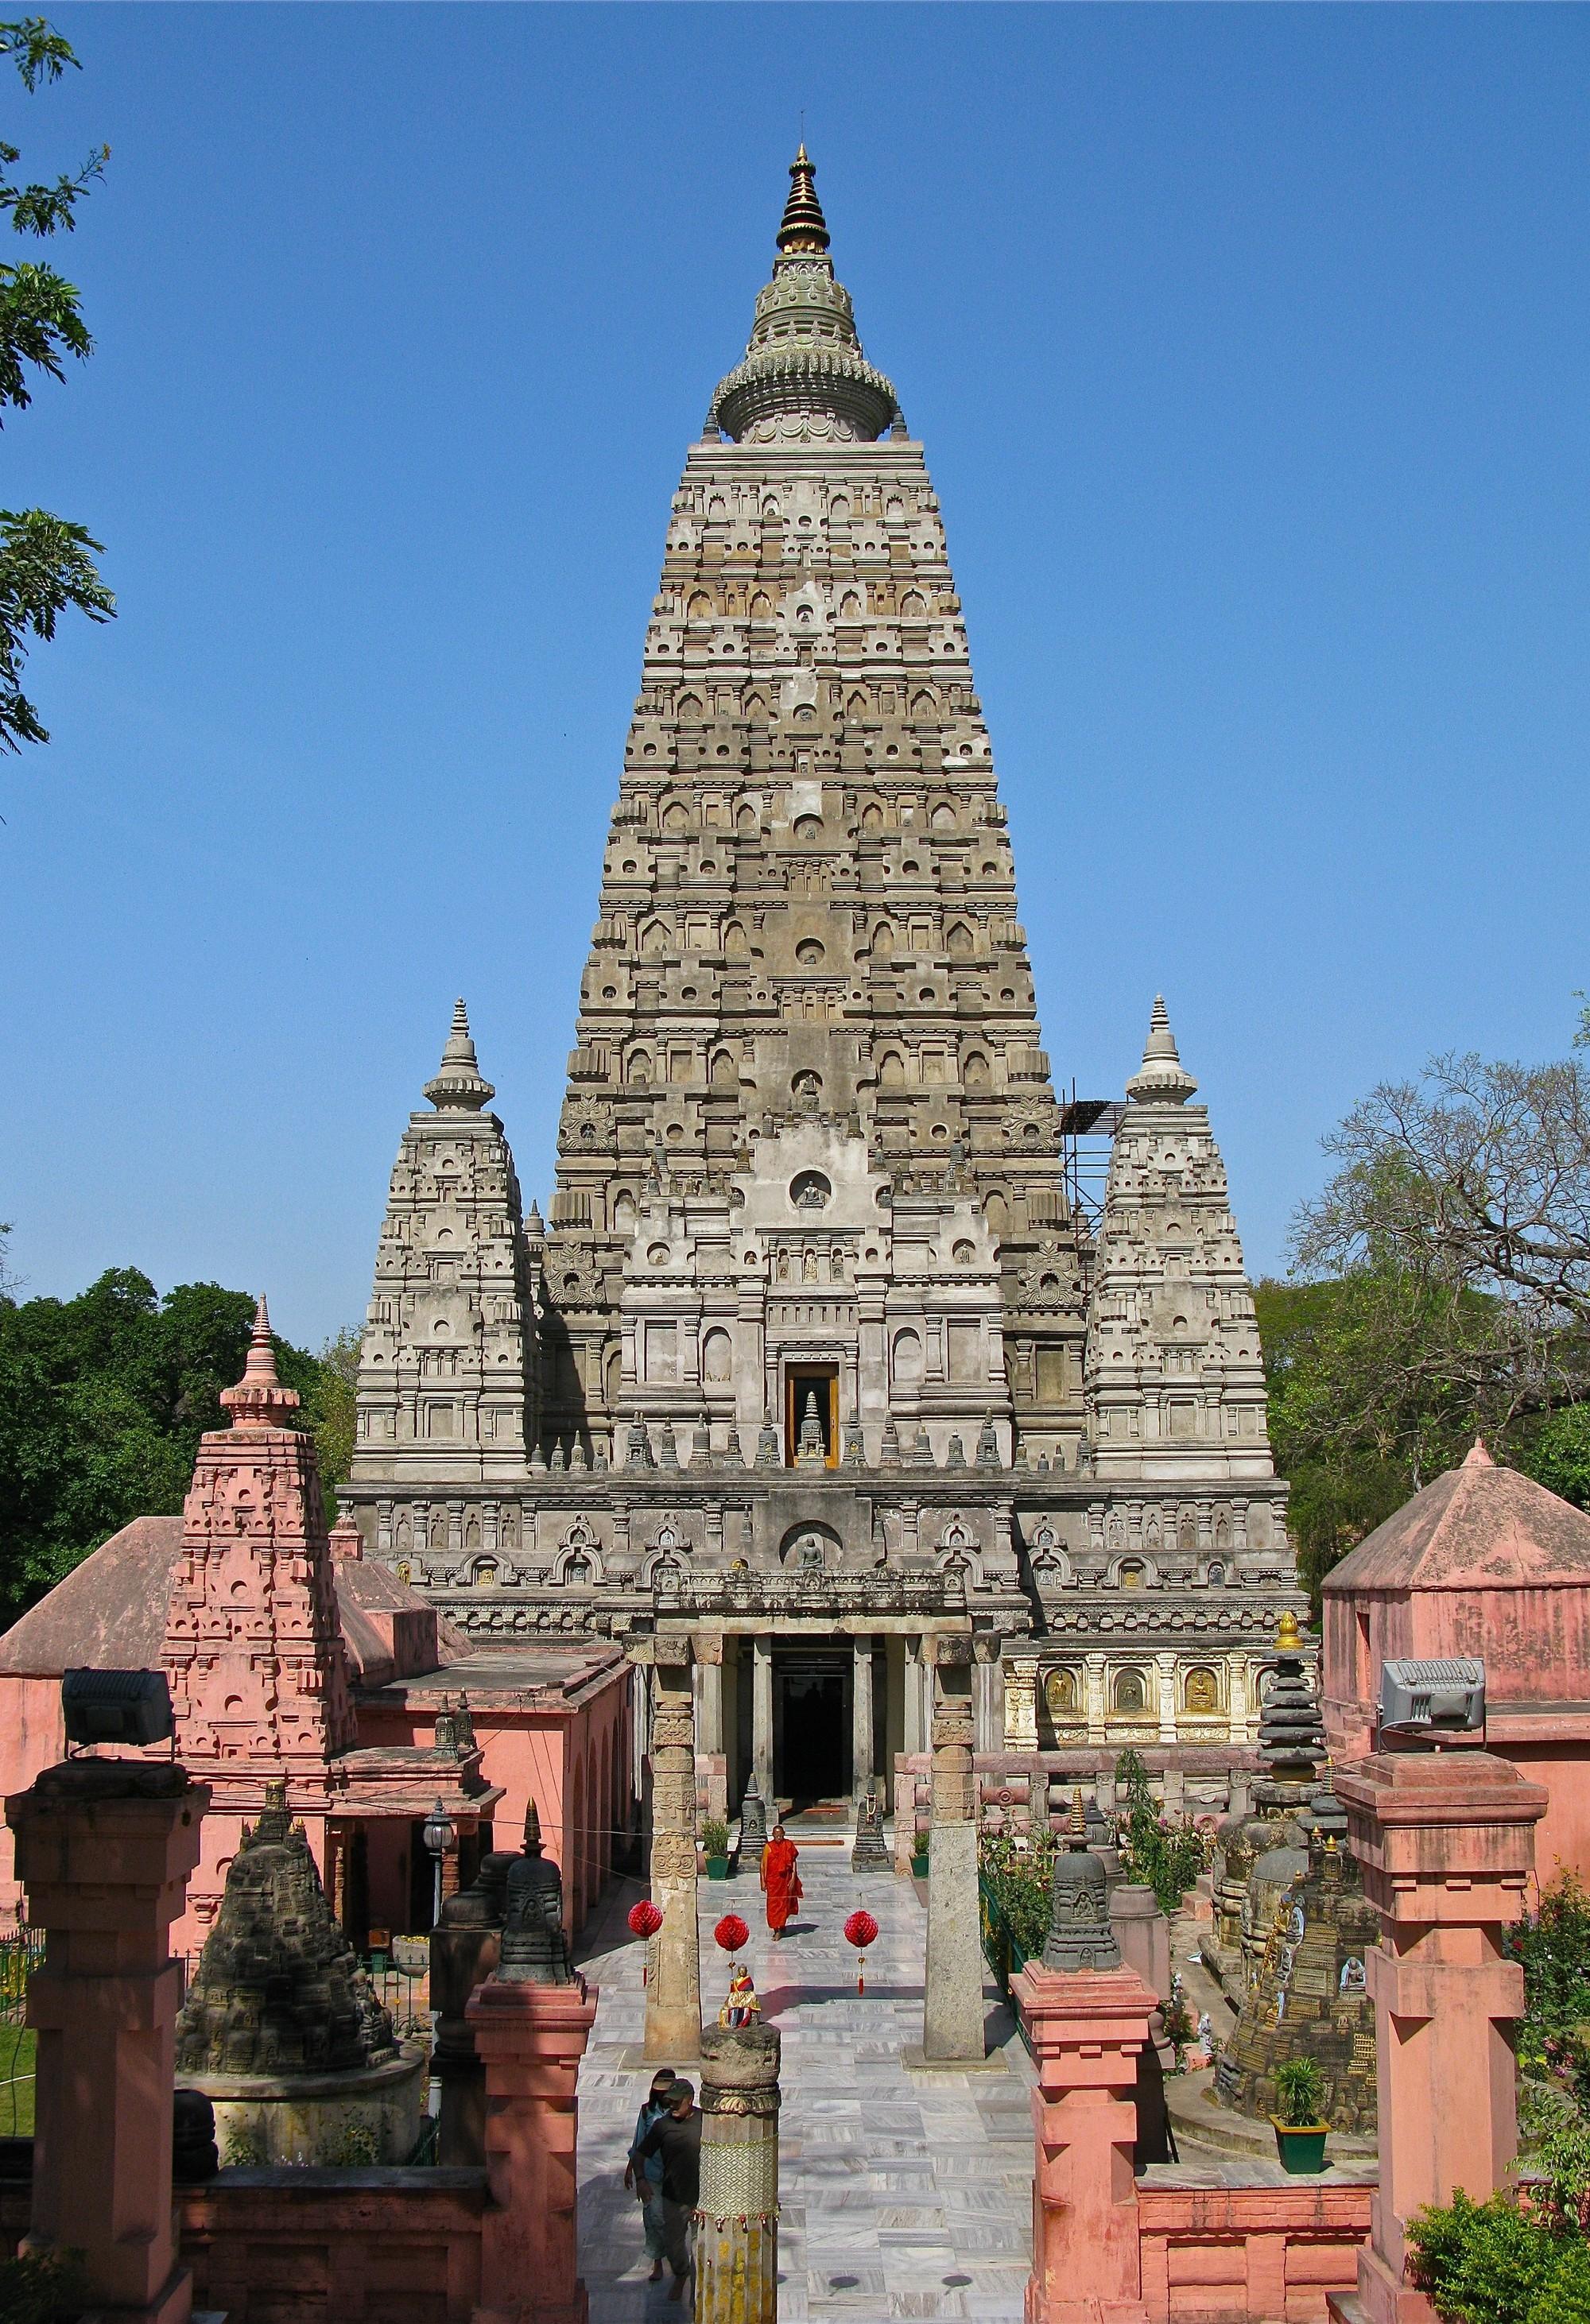 Mahabodhi_Temple_Bodh_Gaya_Bihar_India